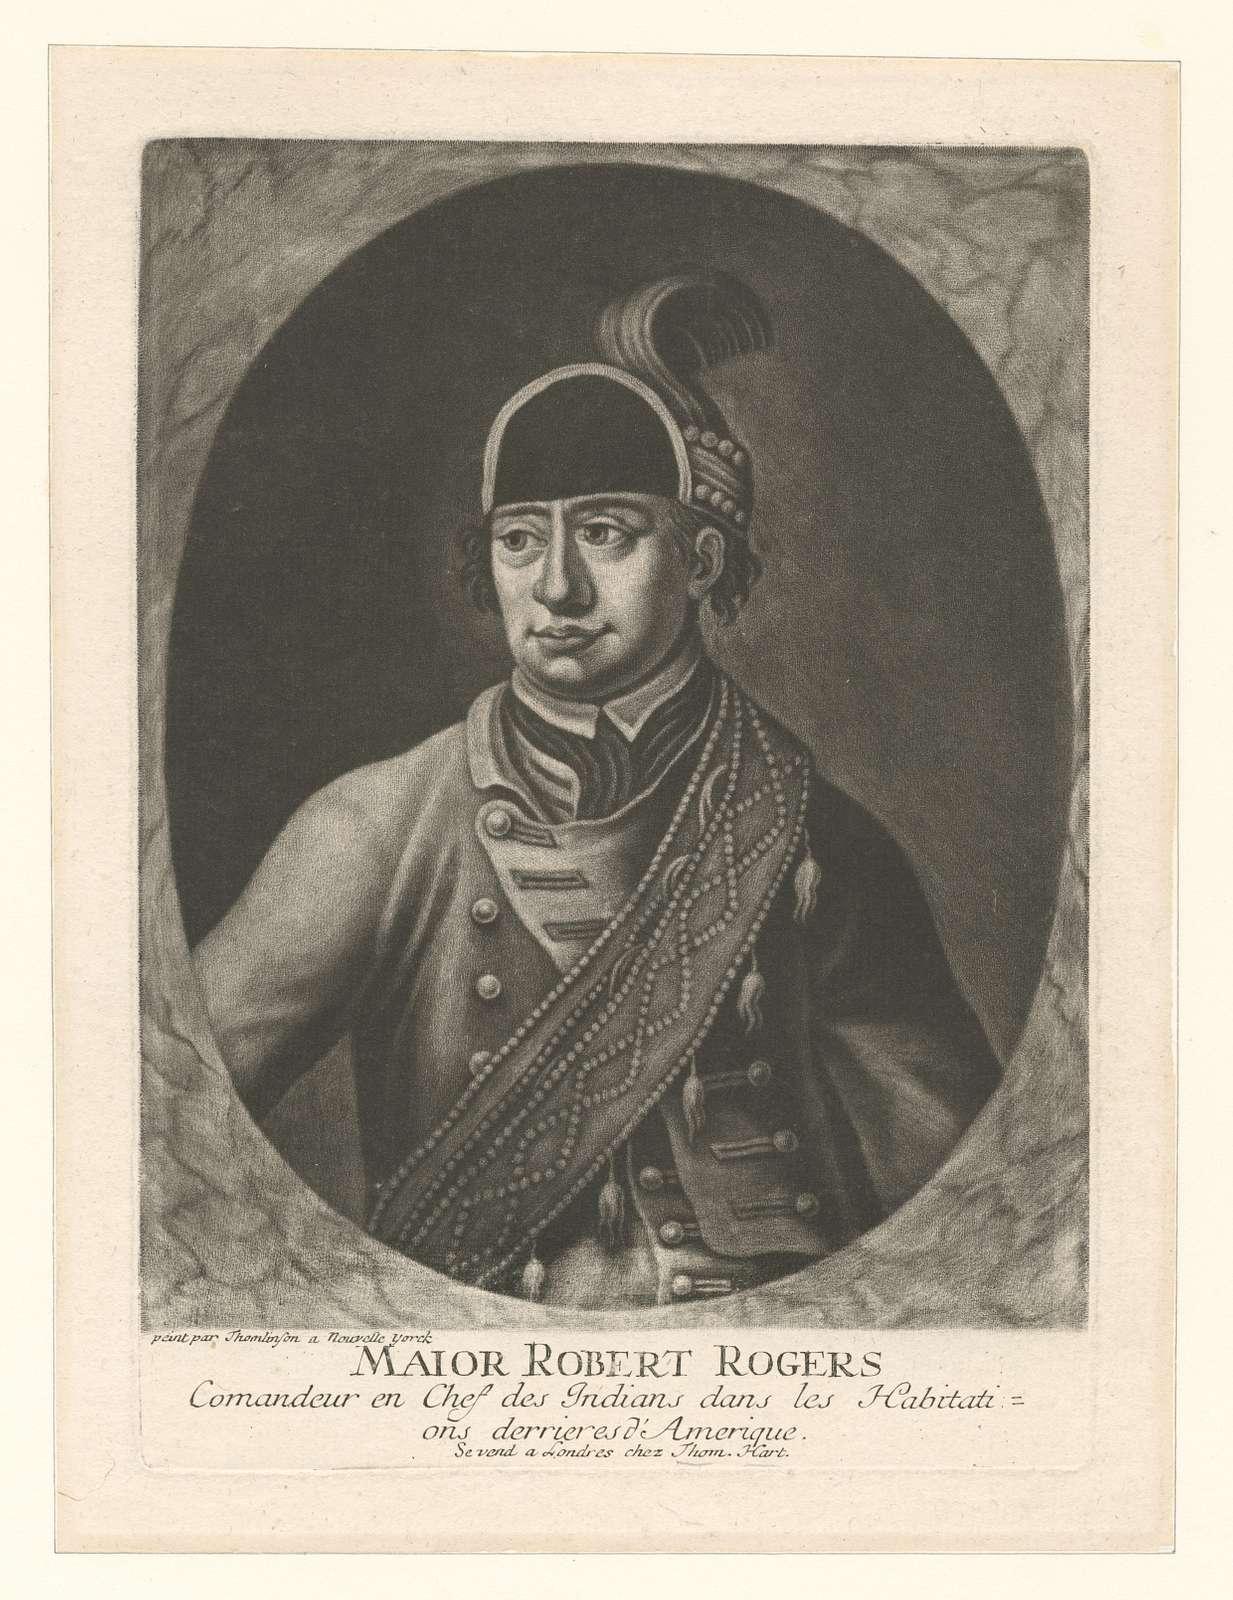 Maior Robert Rogers Commandeur en chef des Indians dans les Habitations derrieres d'Amerique